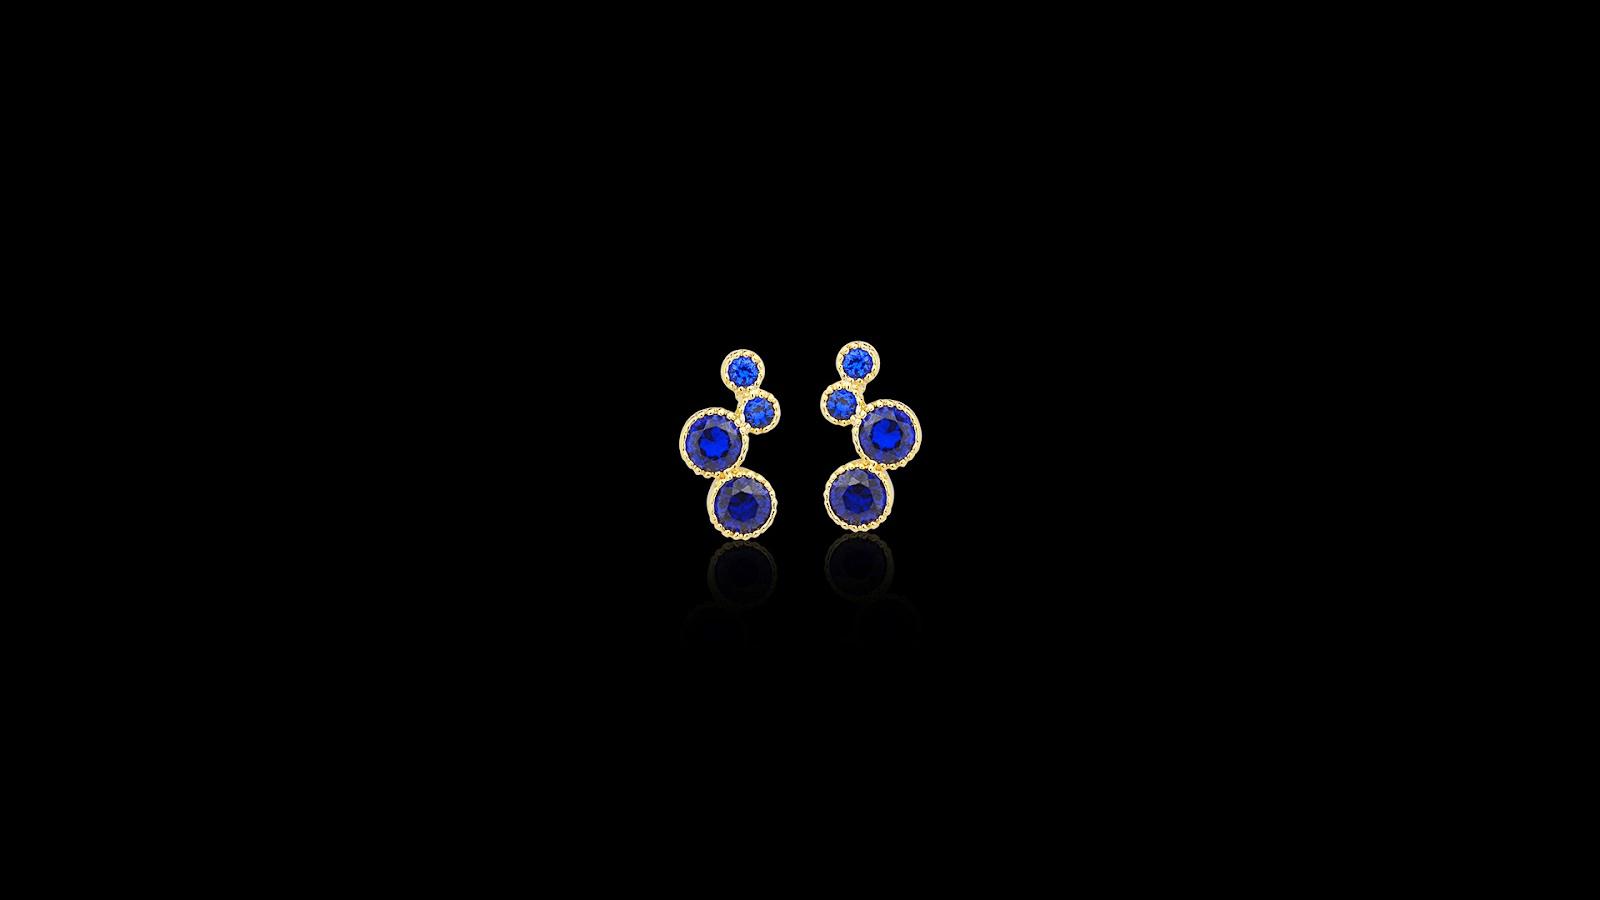 Brinco - 21363818